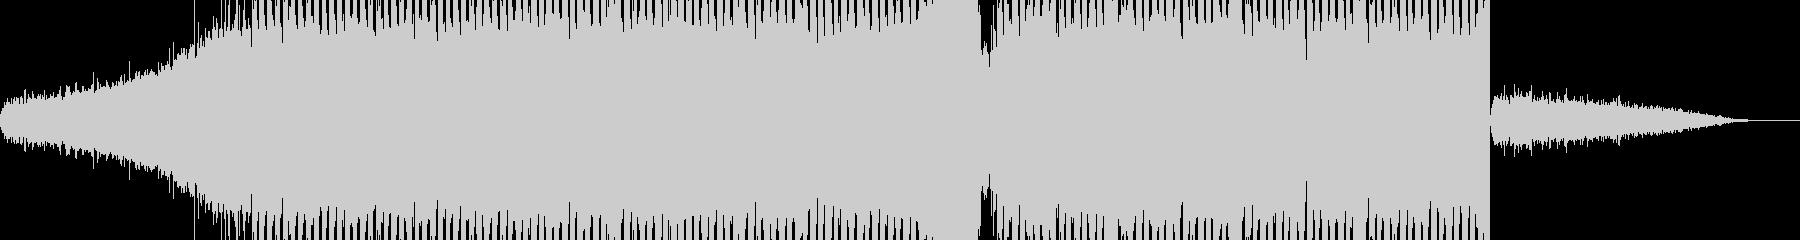 【ディープハウス】アンダーグラウンドな曲の未再生の波形